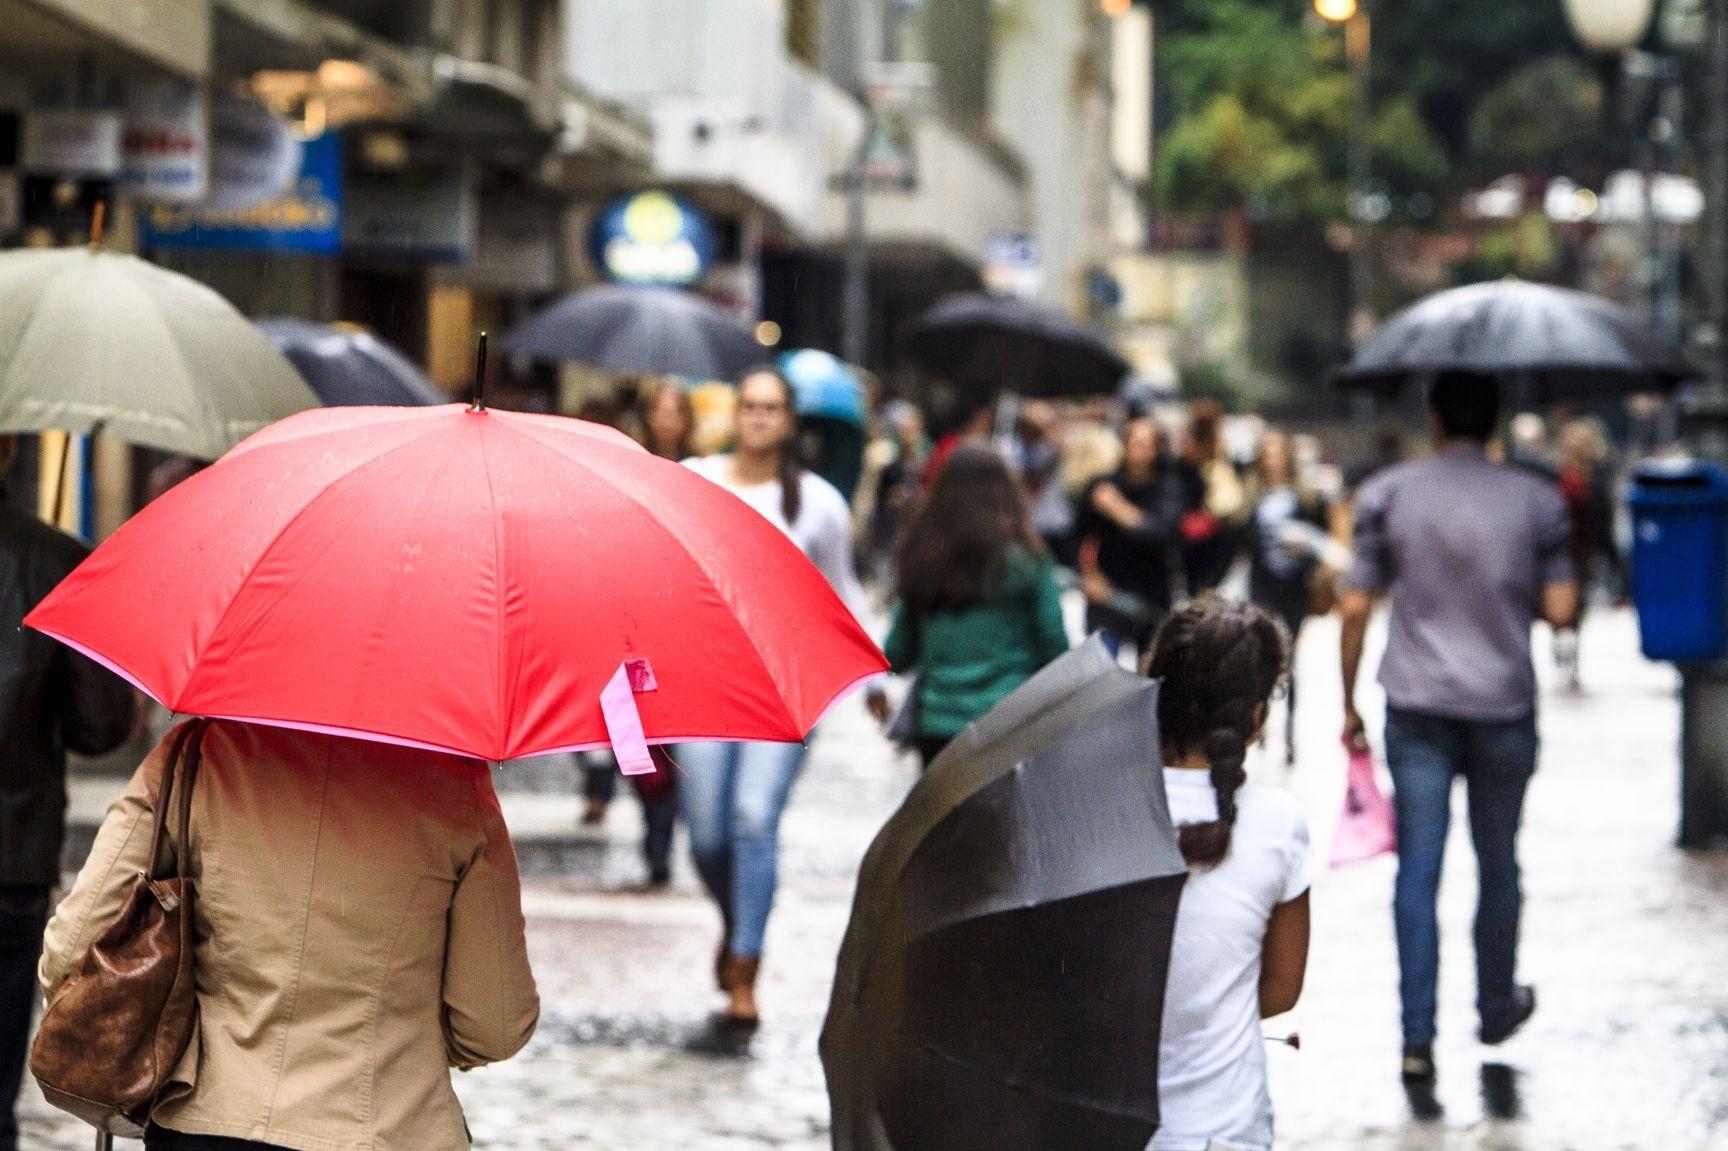 Previsão indica chuva até o fim desta quarta-feira, em Florianópolis - Bruno Ropelato/Arquivo/ND